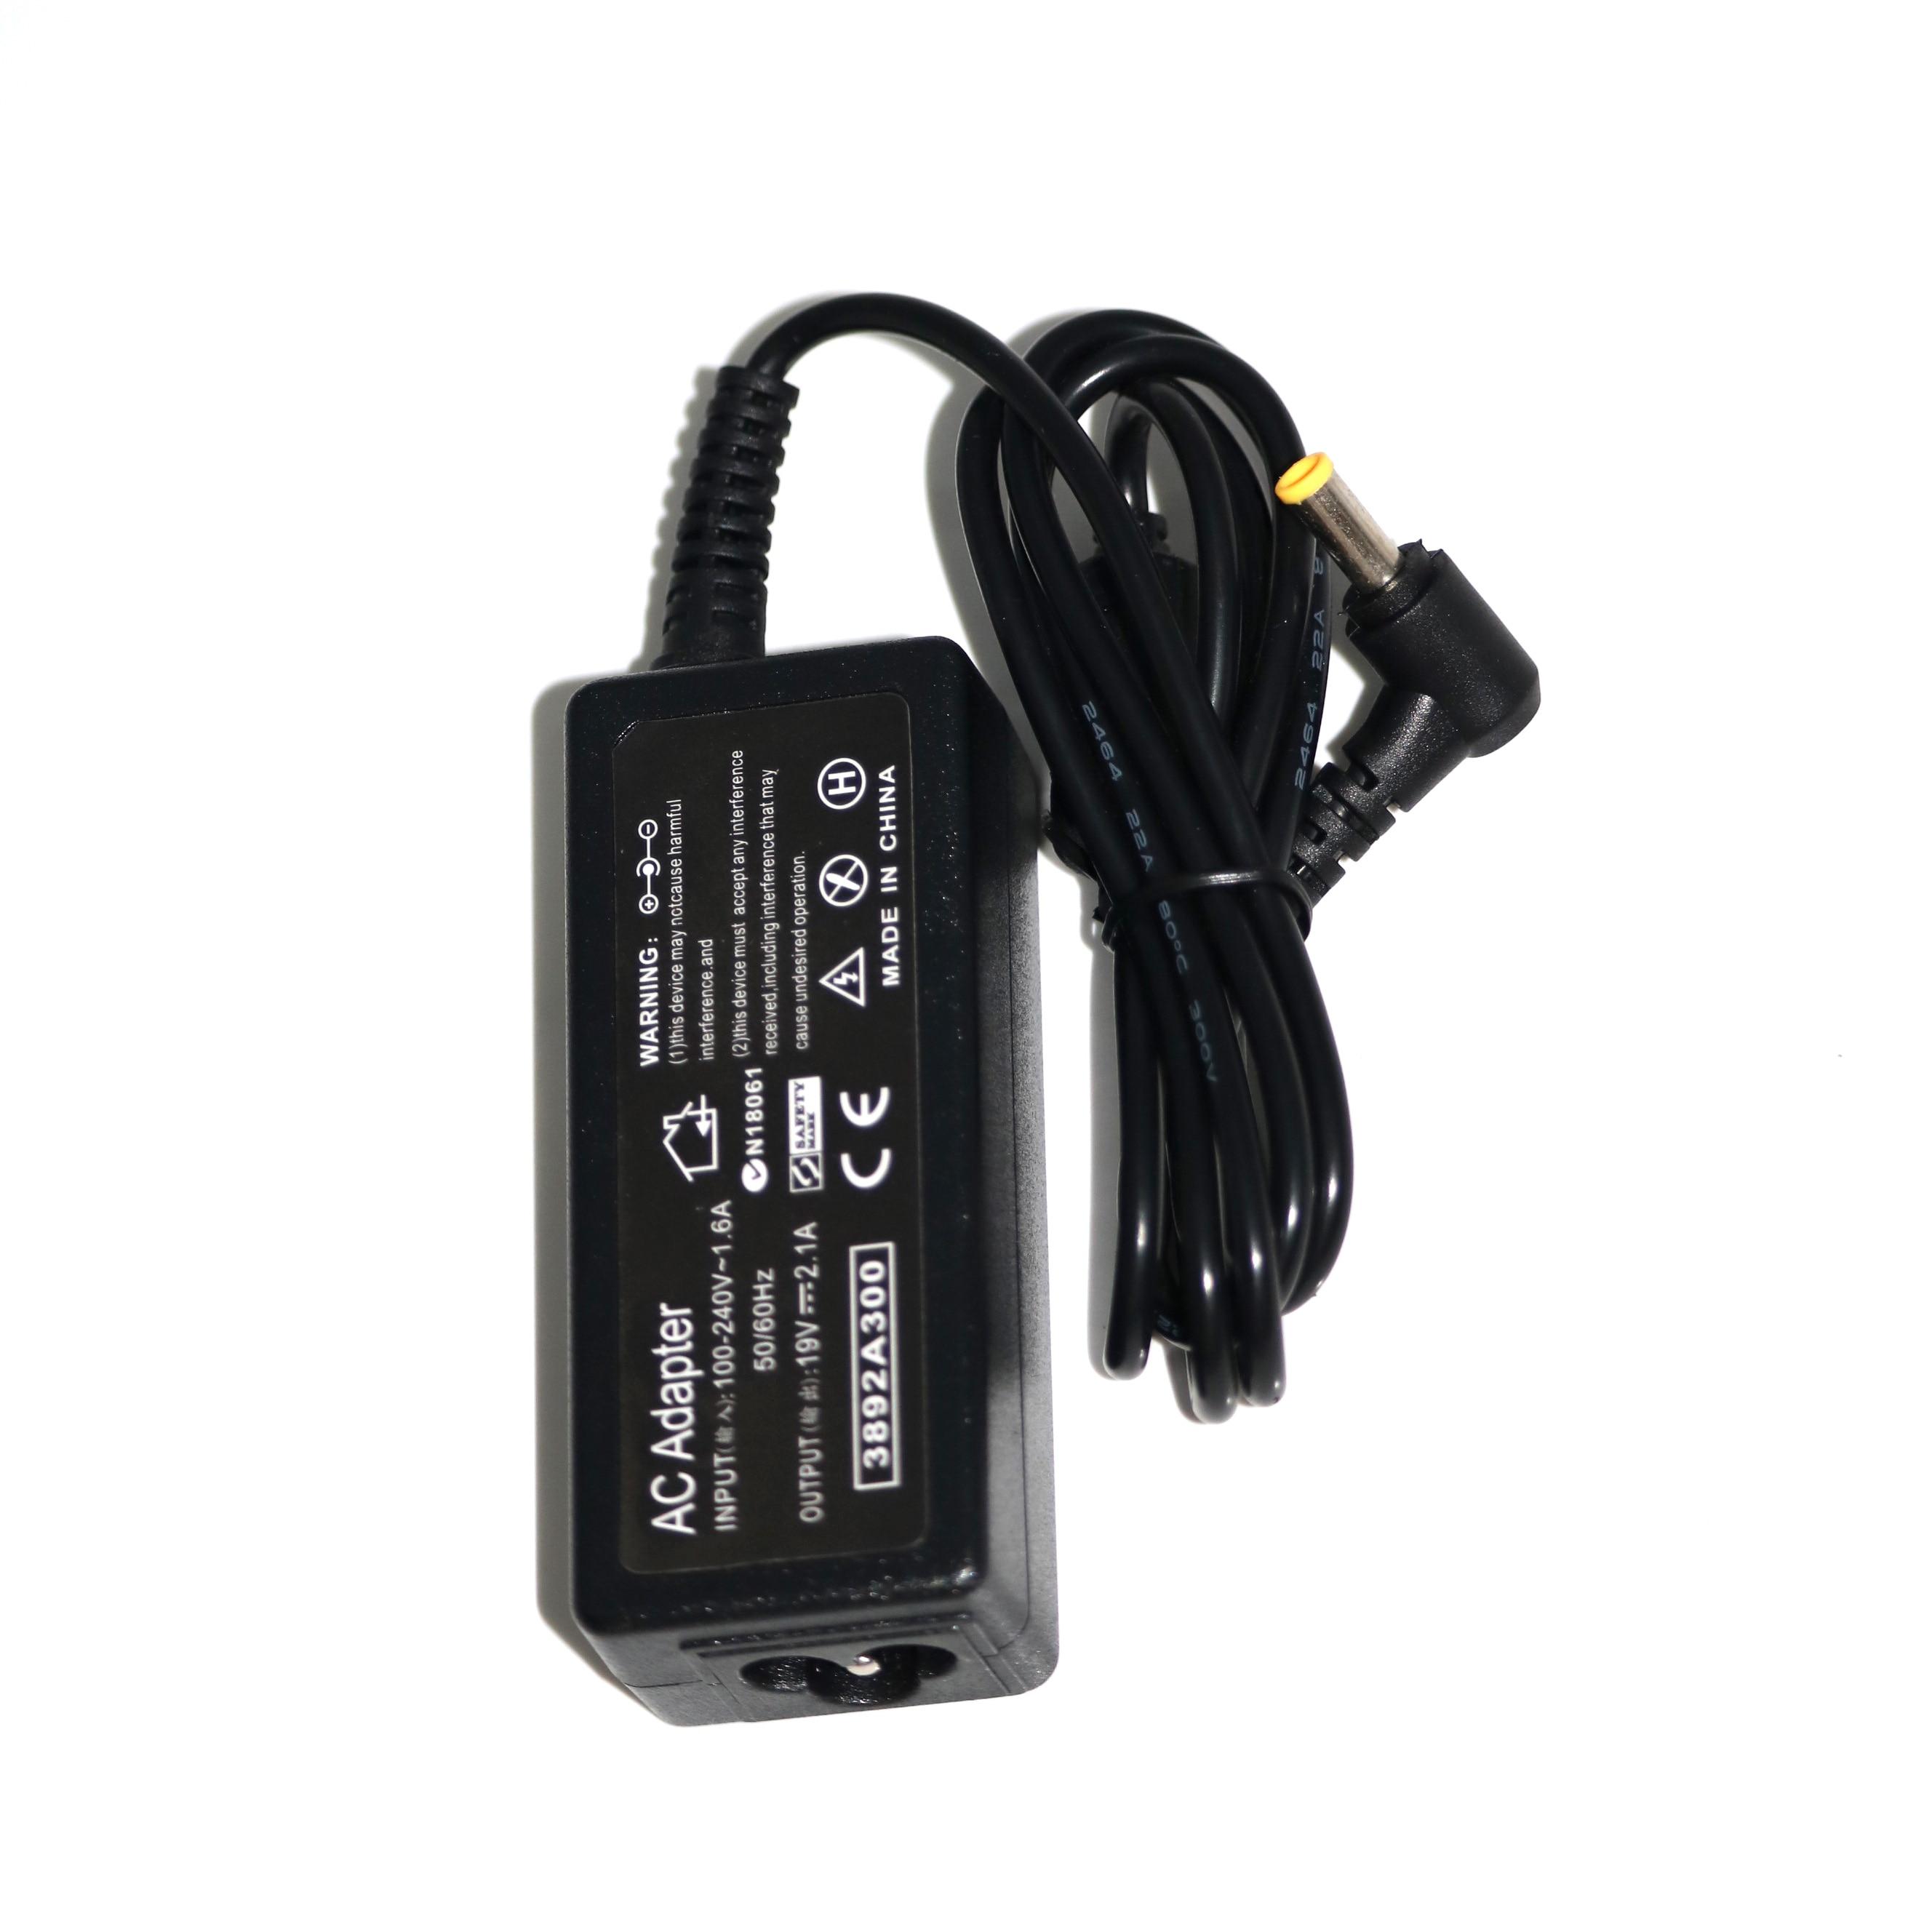 Ac Adapter Laptop Charger for Samsung Netbook 19V 2.1A 40W N130 N140 N150 N210 N220 N510 NP-N110 NP-